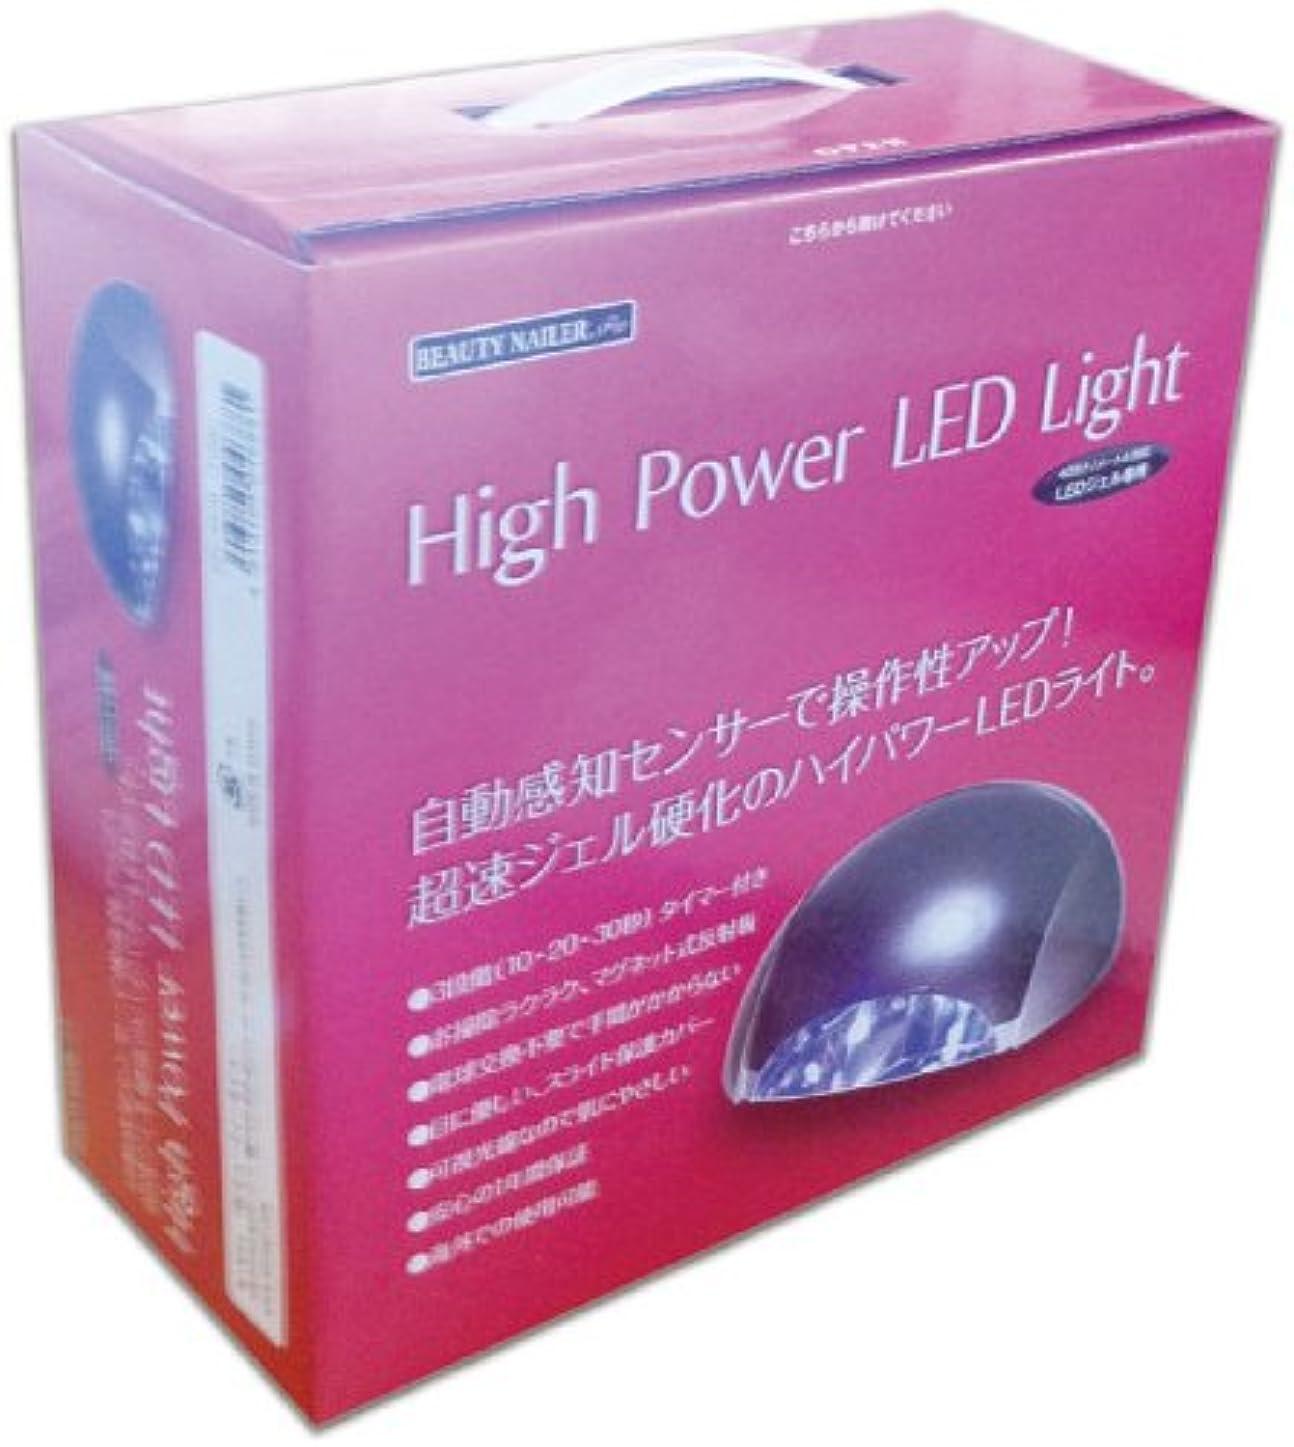 展示会慎重に想像力豊かなビューティーネイラー ハイパワーLEDライト HPL-40GB パールブラック